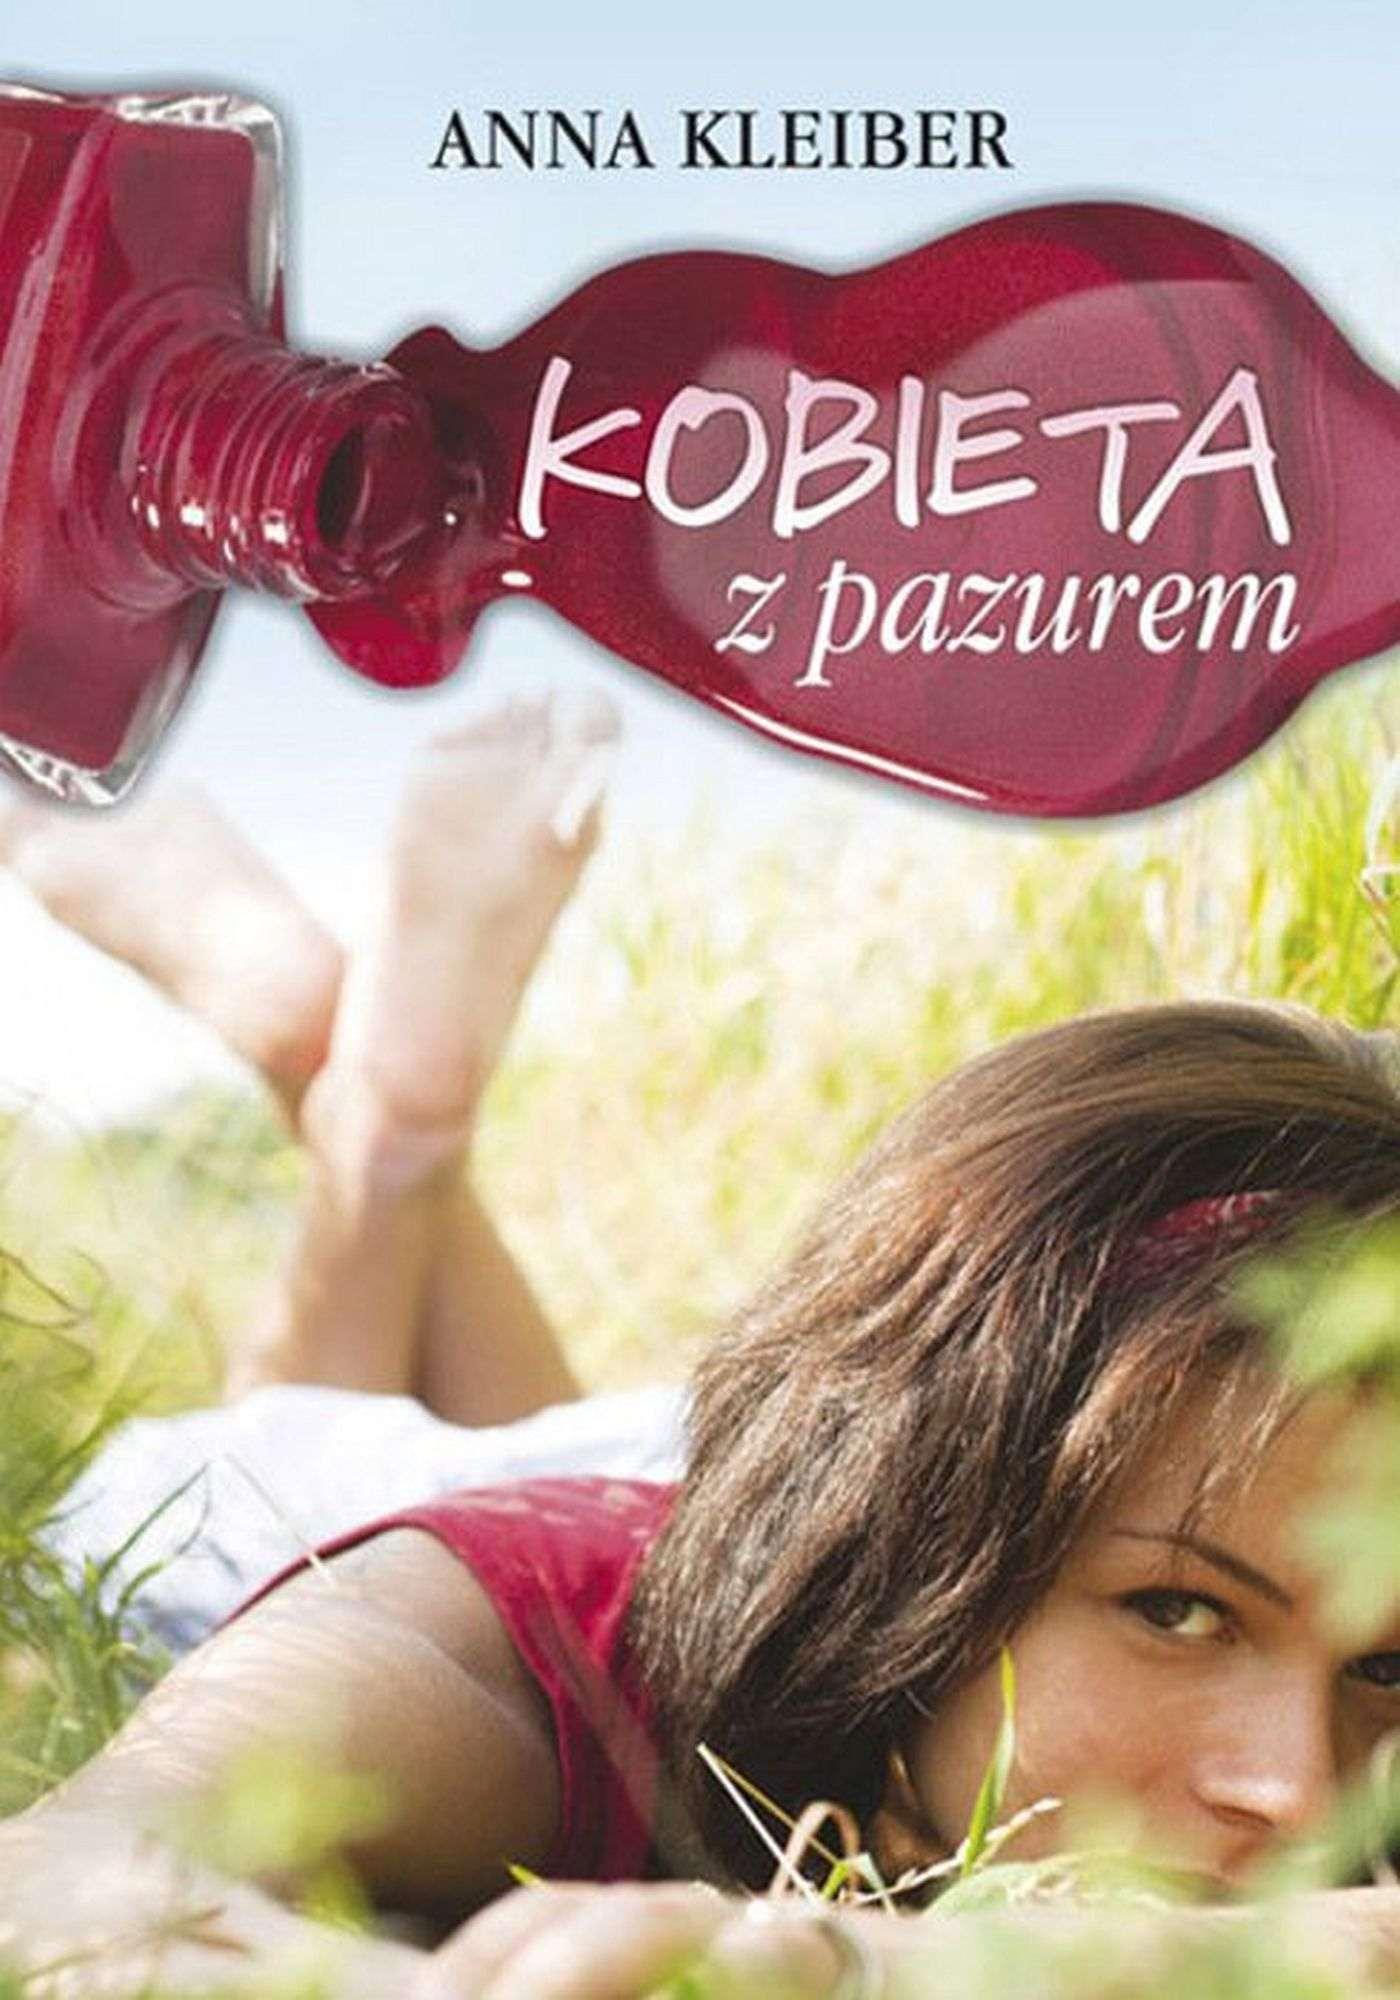 Kobieta z pazurem - Ebook (Książka EPUB) do pobrania w formacie EPUB